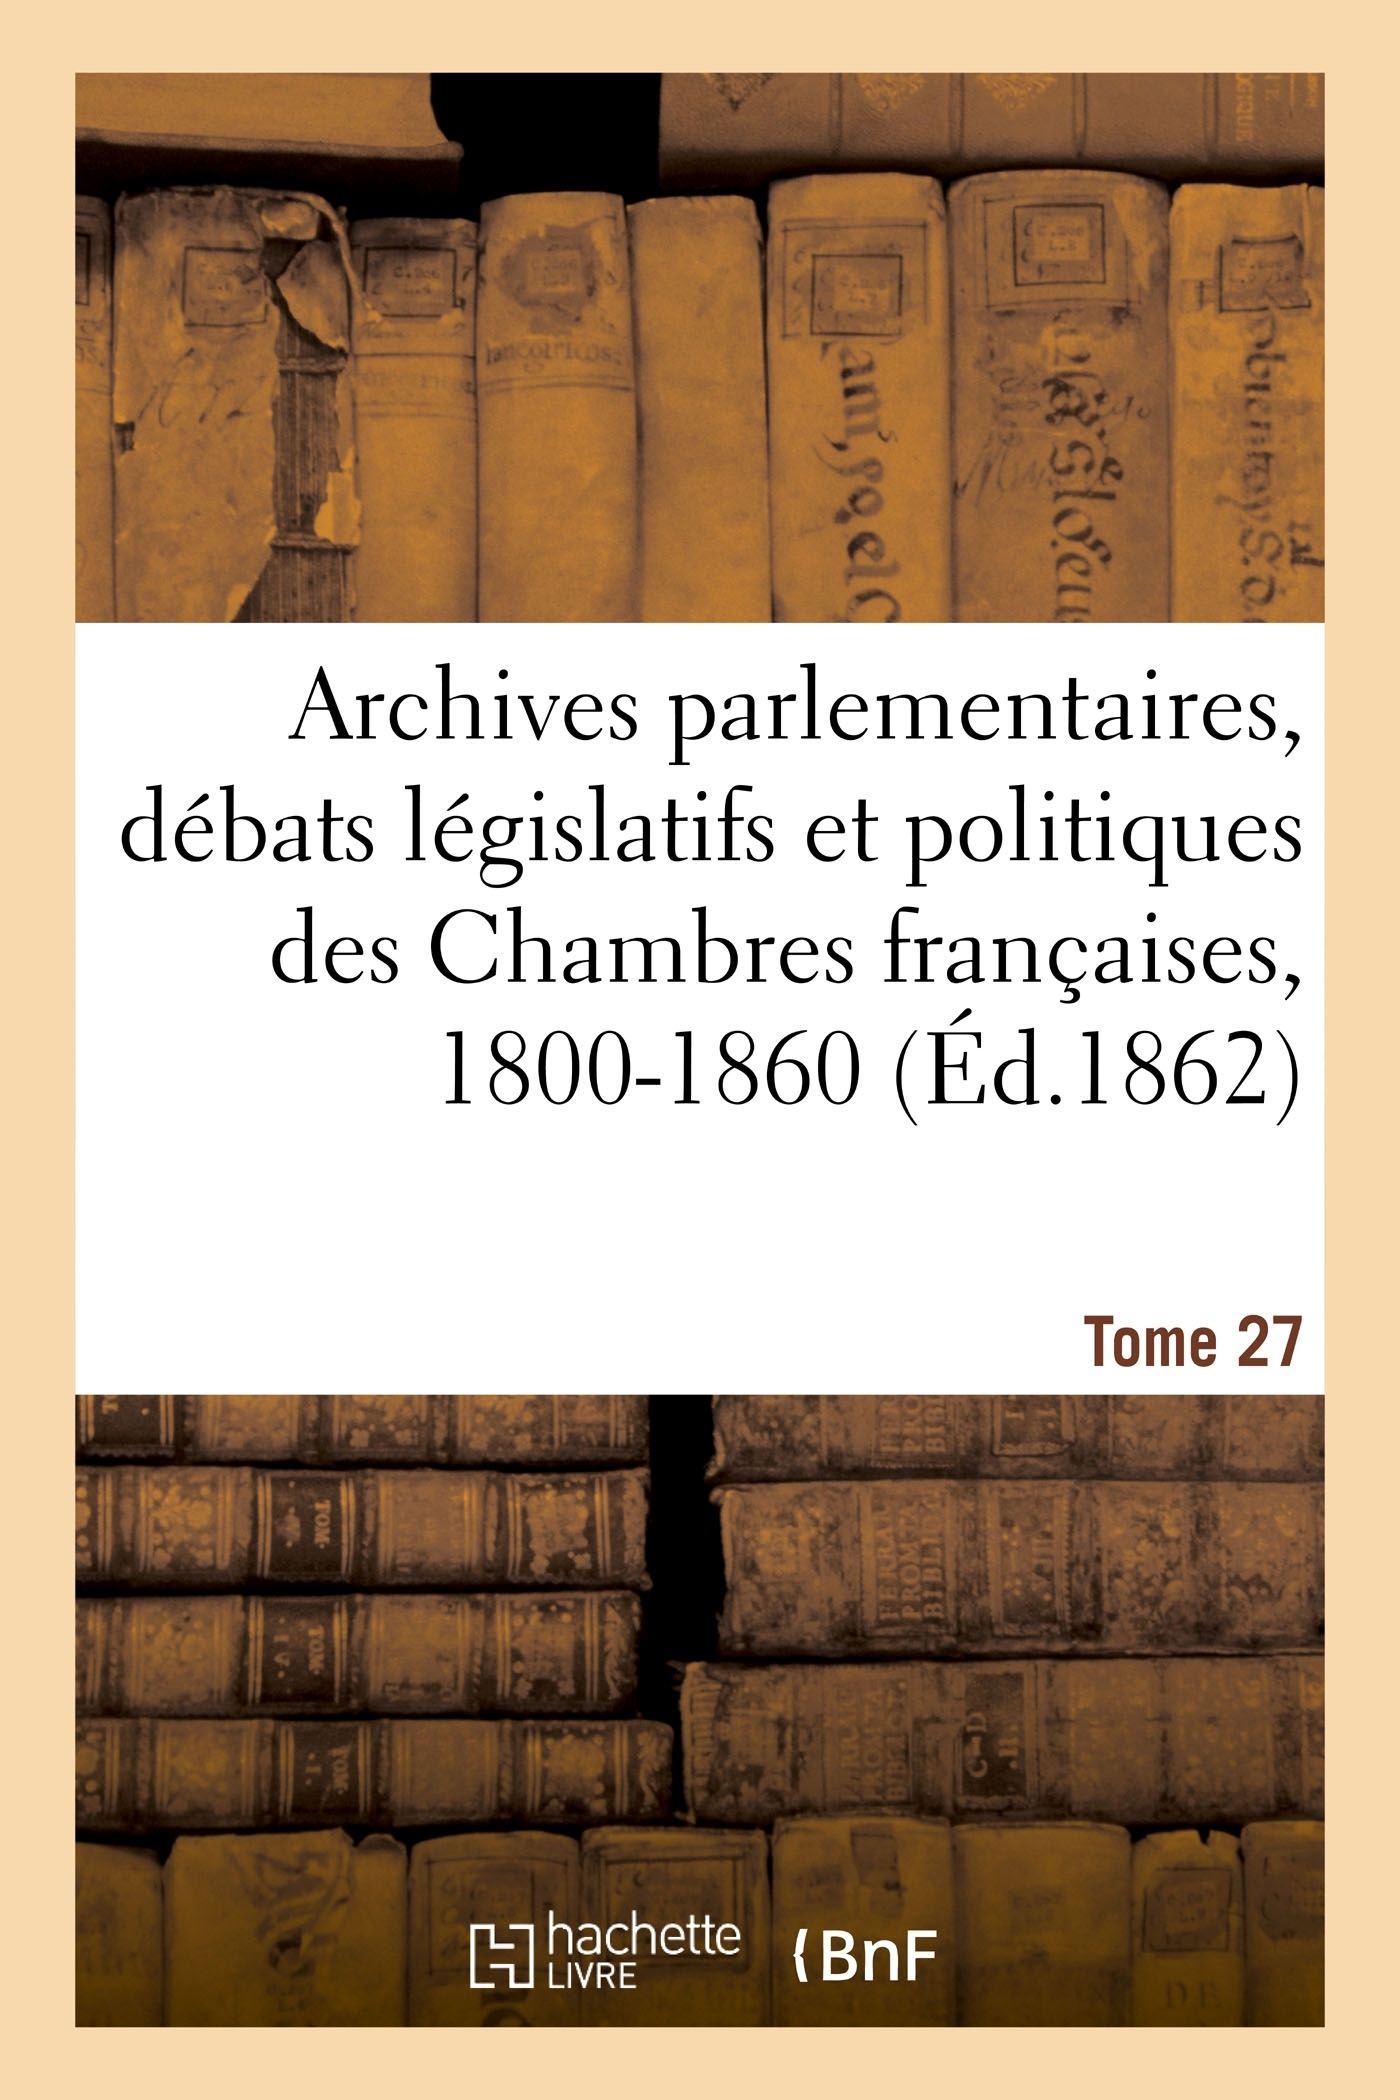 ARCHIVES PARLEMENTAIRES. DEBATS LEGISLATIFS ET POLITIQUES DES CHAMBRES FRANCAISES, 1800-1860 - TOME